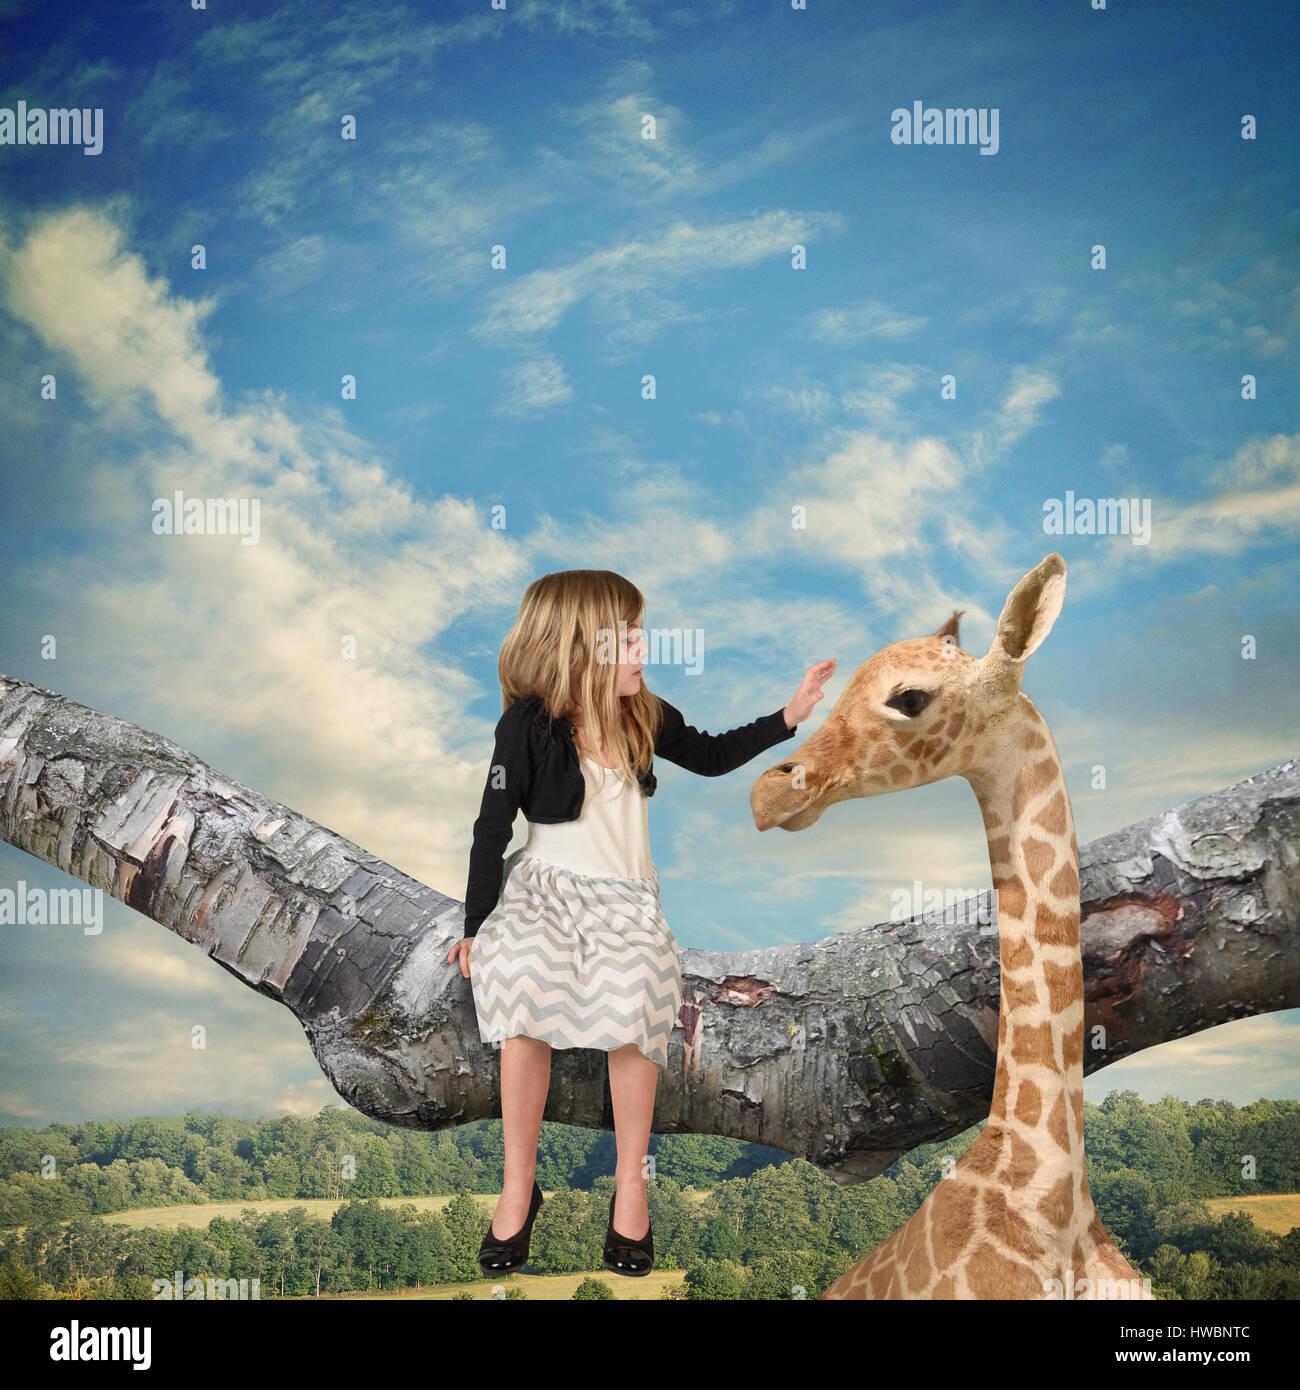 Un petit enfant est assis sur une branche d'arbre de flatter une girafe dans le ciel pour une imagination idée au sujet des animaux dans la nature Banque D'Images